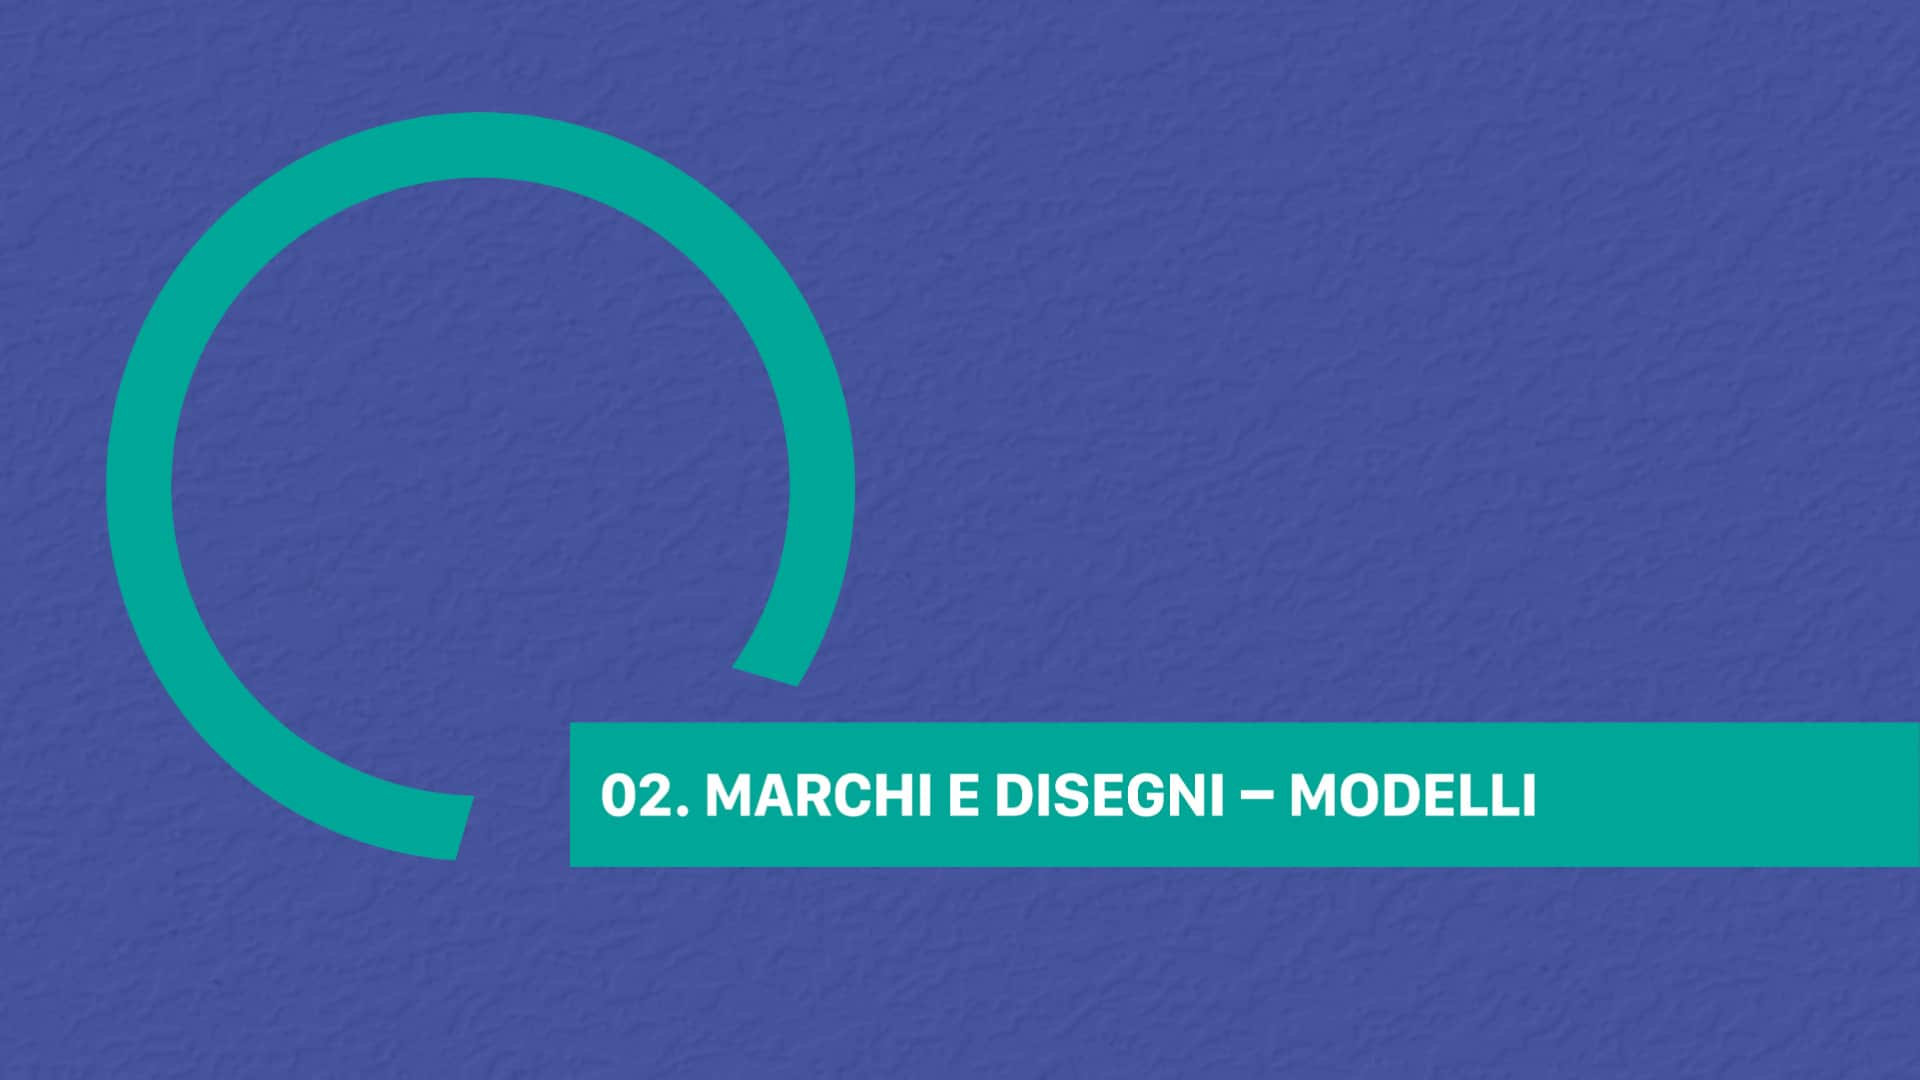 02. MARCHI E DISEGNI - MODELLI